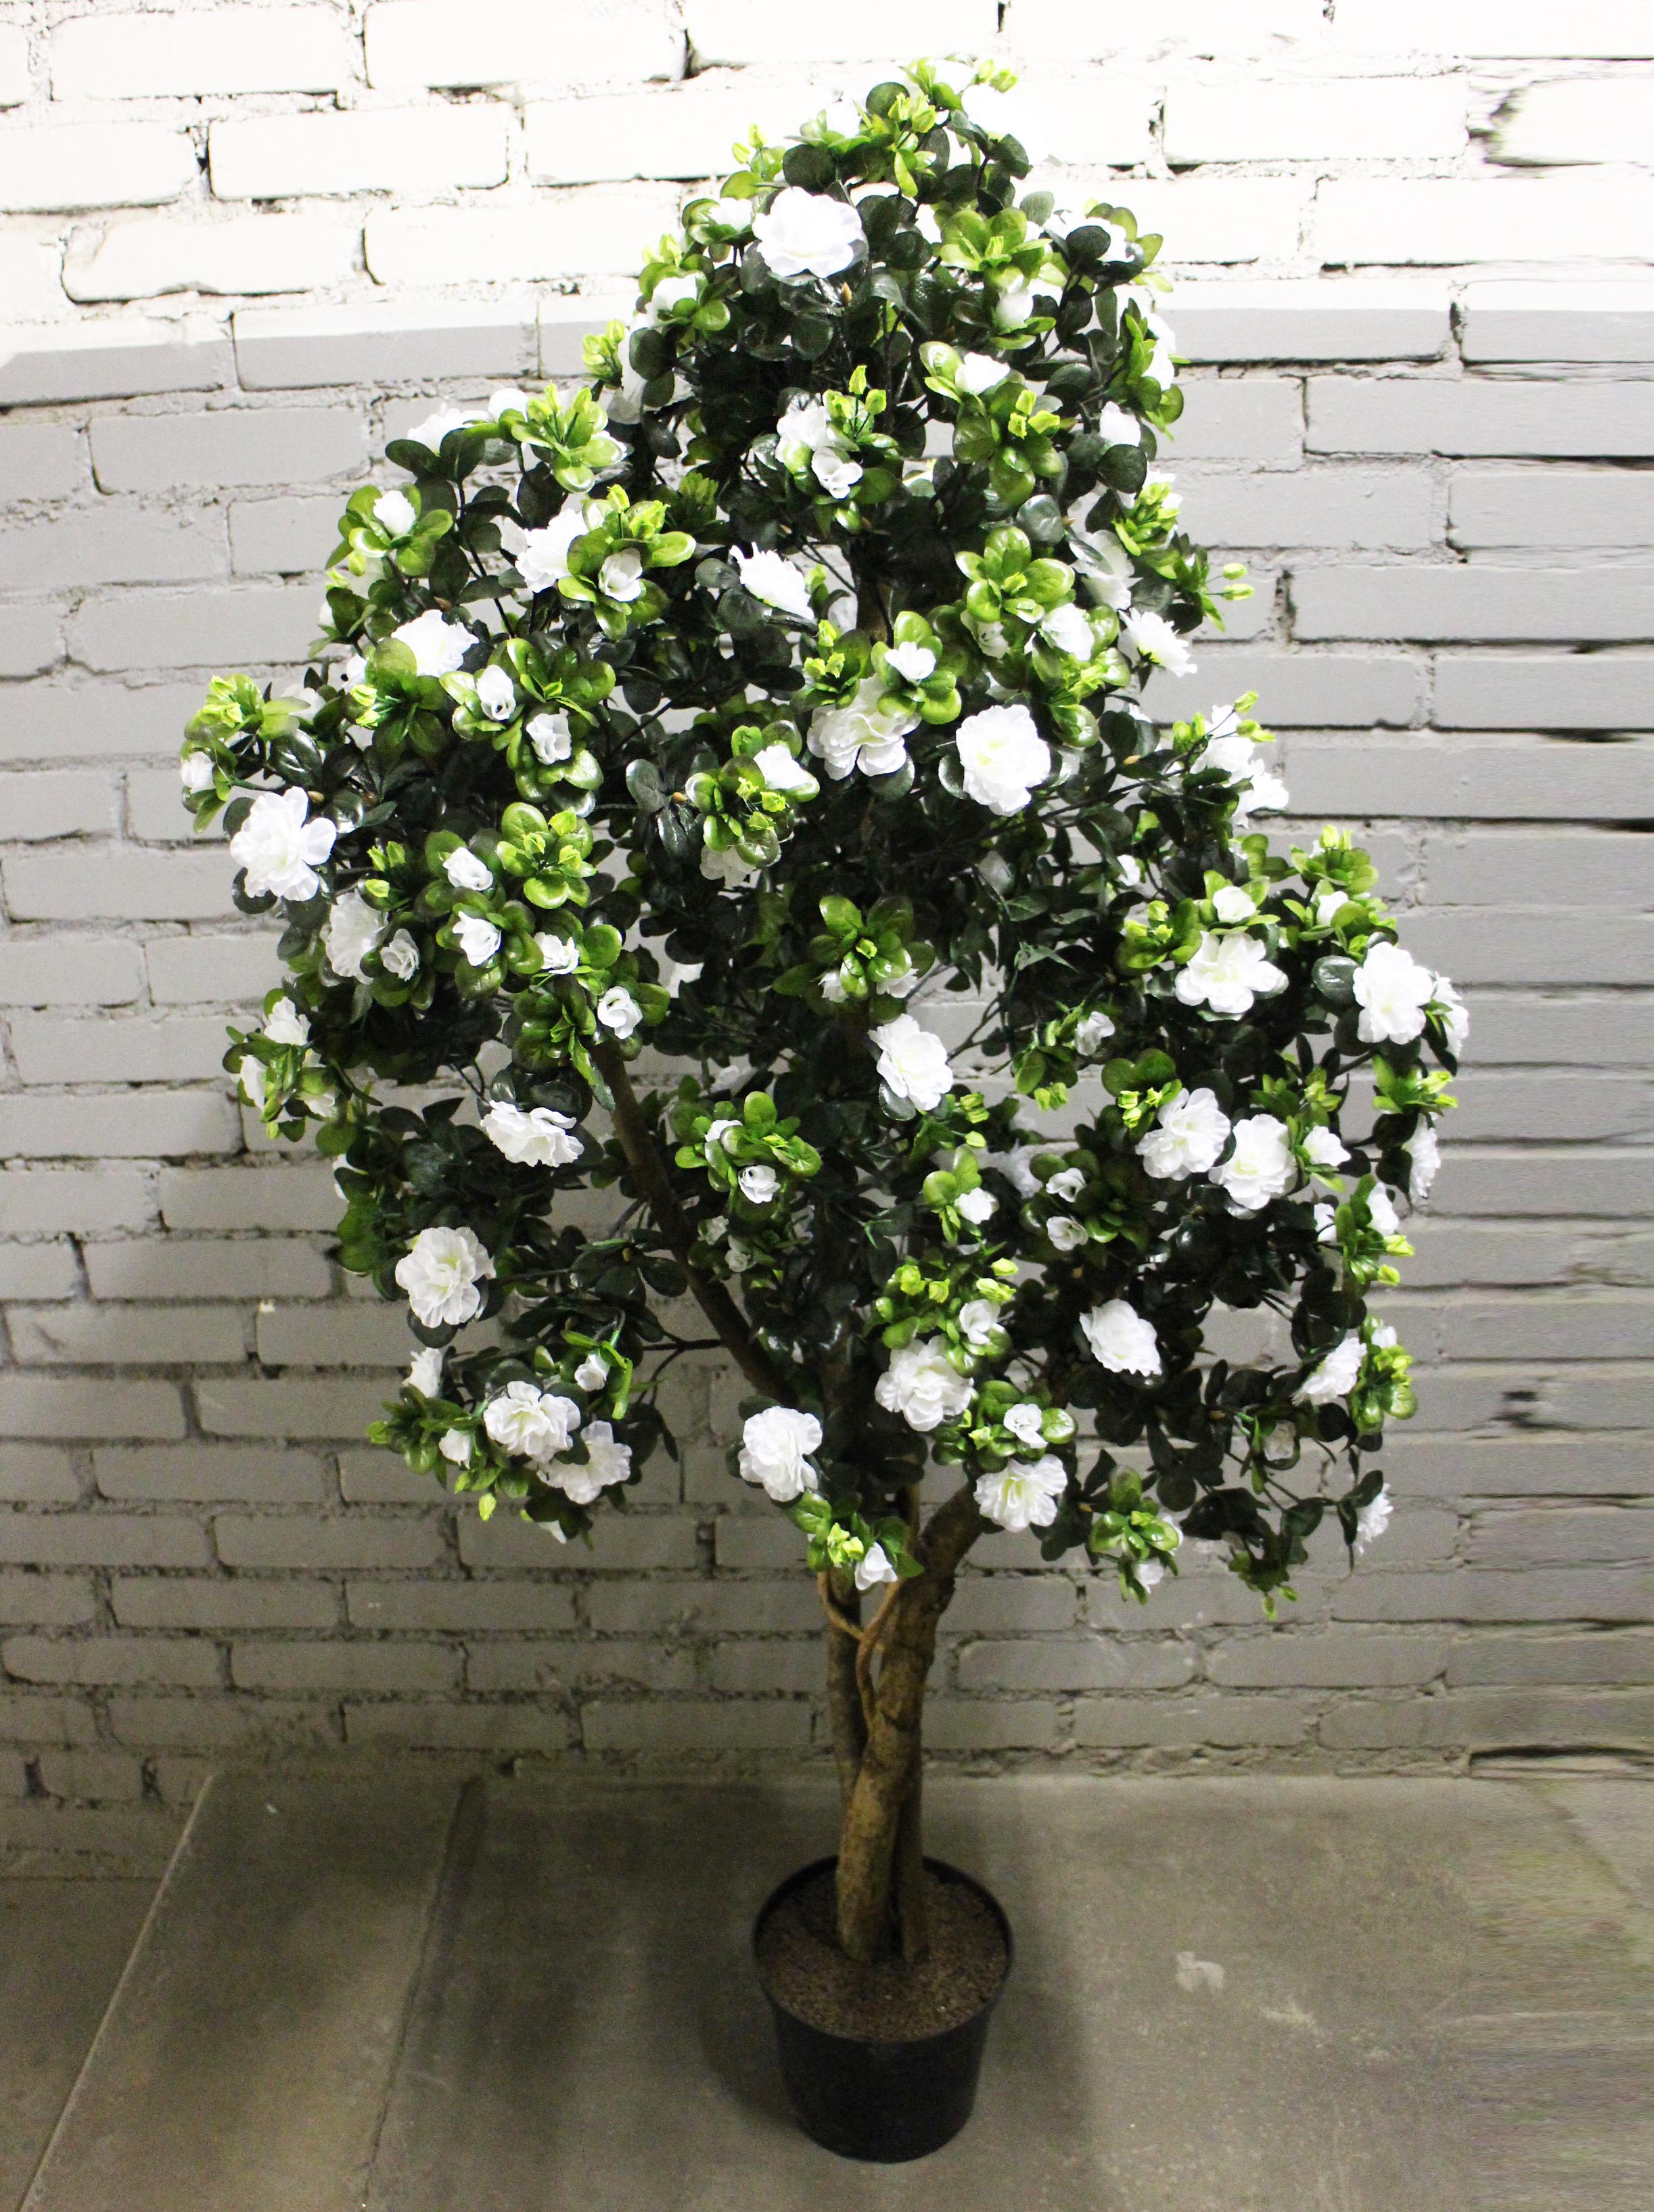 Сбор заказов. Оформление интерьера изысканными и красивыми растениями! Скидки до 25%. Здесь вы найдете искусственные деревья, цветы в горшках, одиночные цветы, французские балконы, искусственная трава, подвесные, настенные кашпо и другое. Выкуп 8.